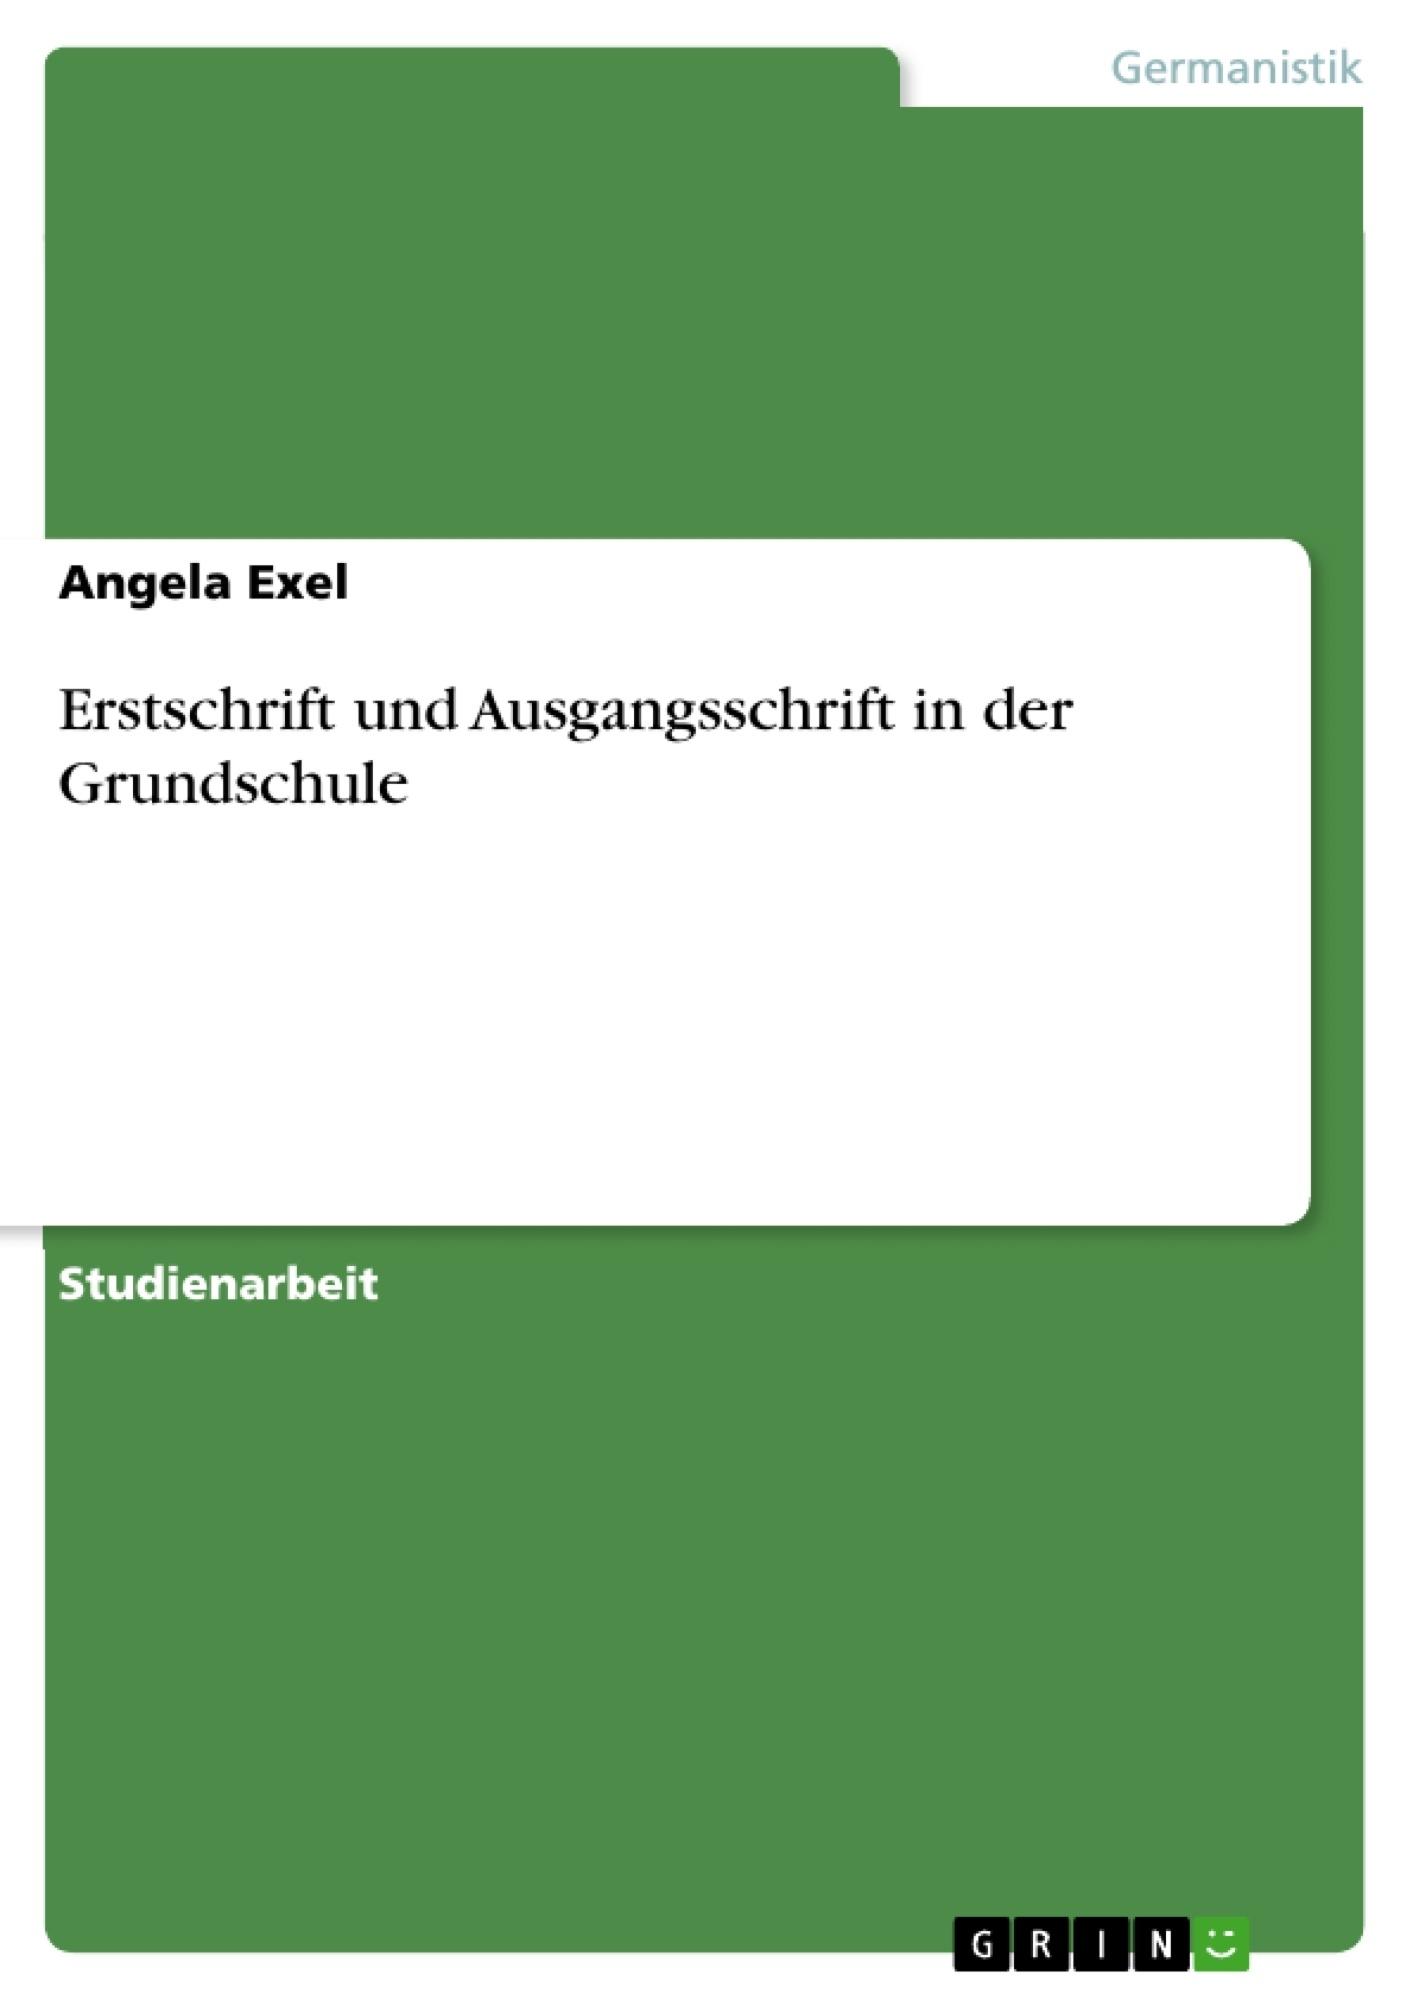 Titel: Erstschrift und Ausgangsschrift in der Grundschule